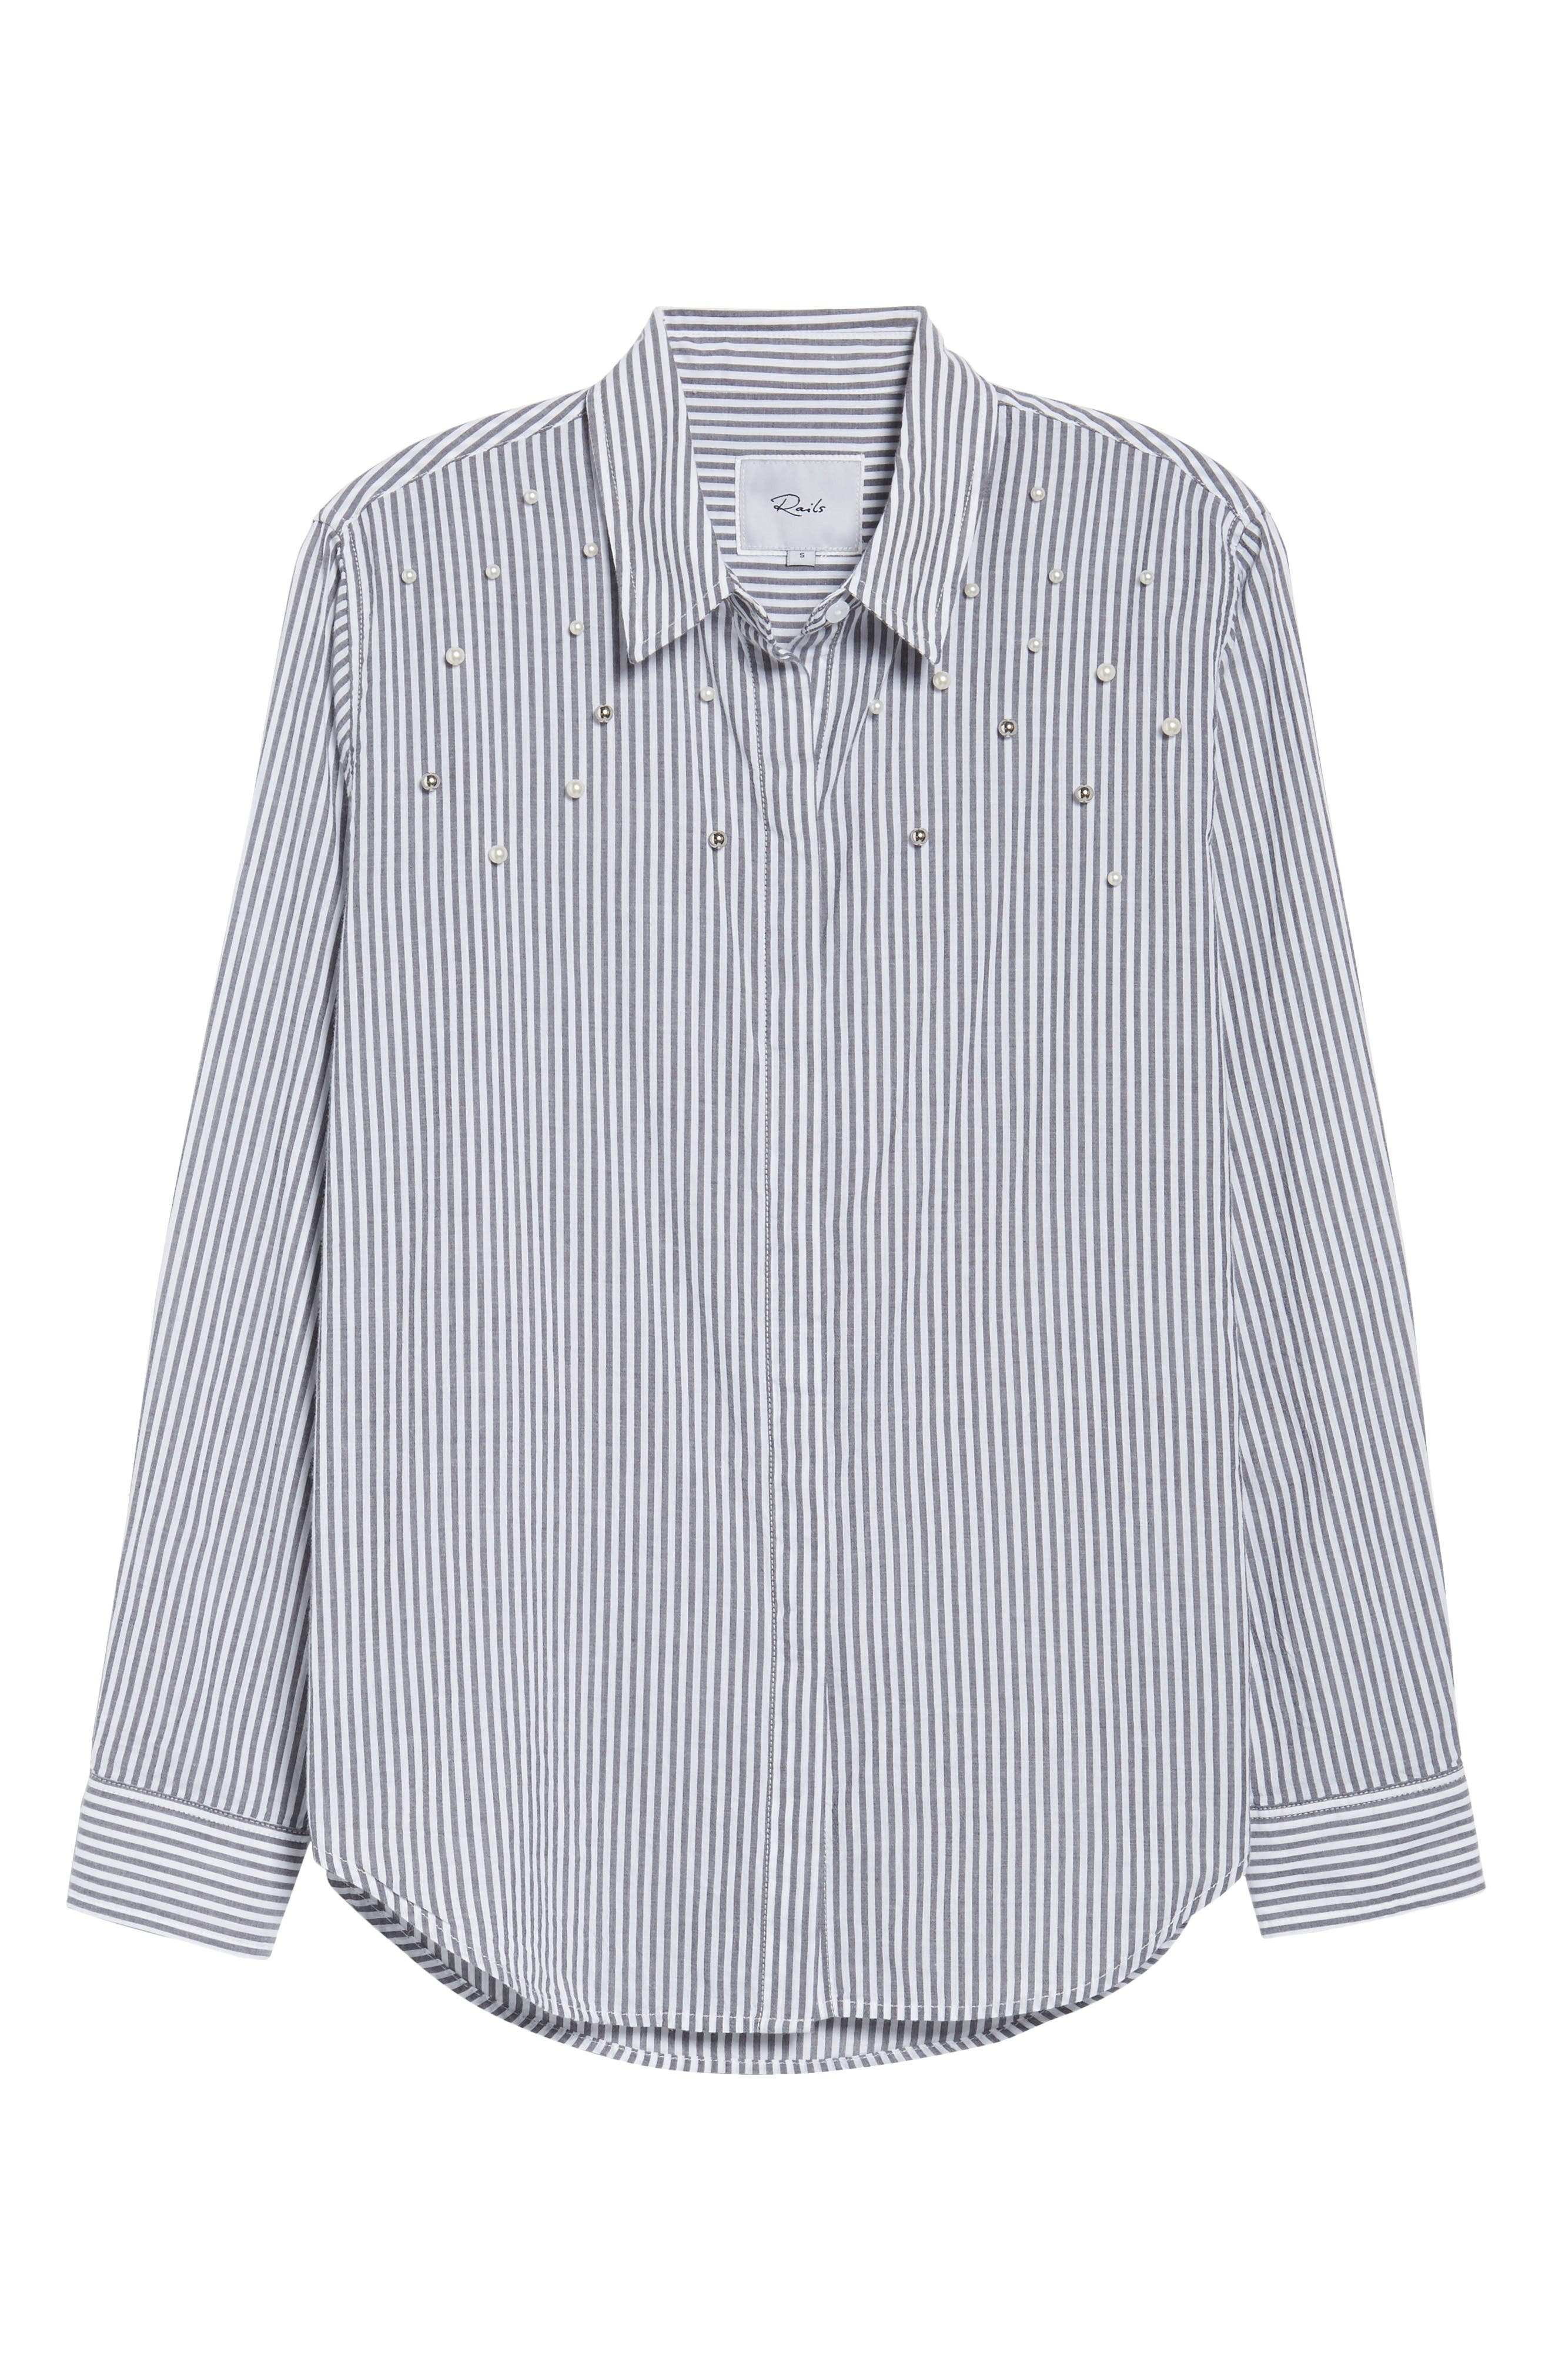 Taylor Embellished Shirt,                             Alternate thumbnail 6, color,                             022